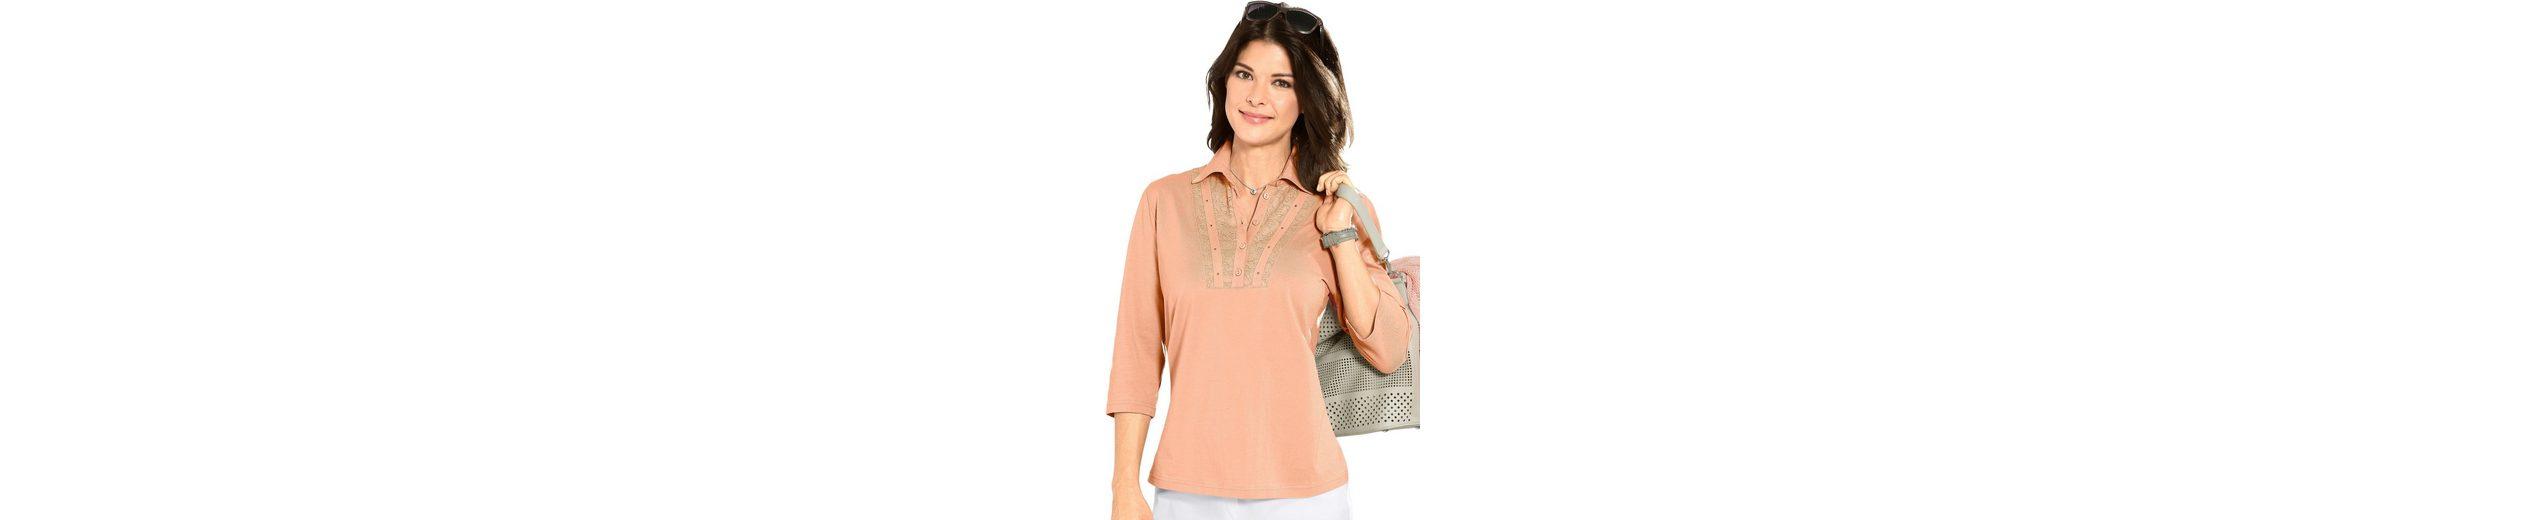 Erhalten Günstig Online Kaufen Shirt mit hochwertiger Spitze und Glitzersteinchen Auslasszwischenraum Freiheit Der Billigsten 8Czv7JE95